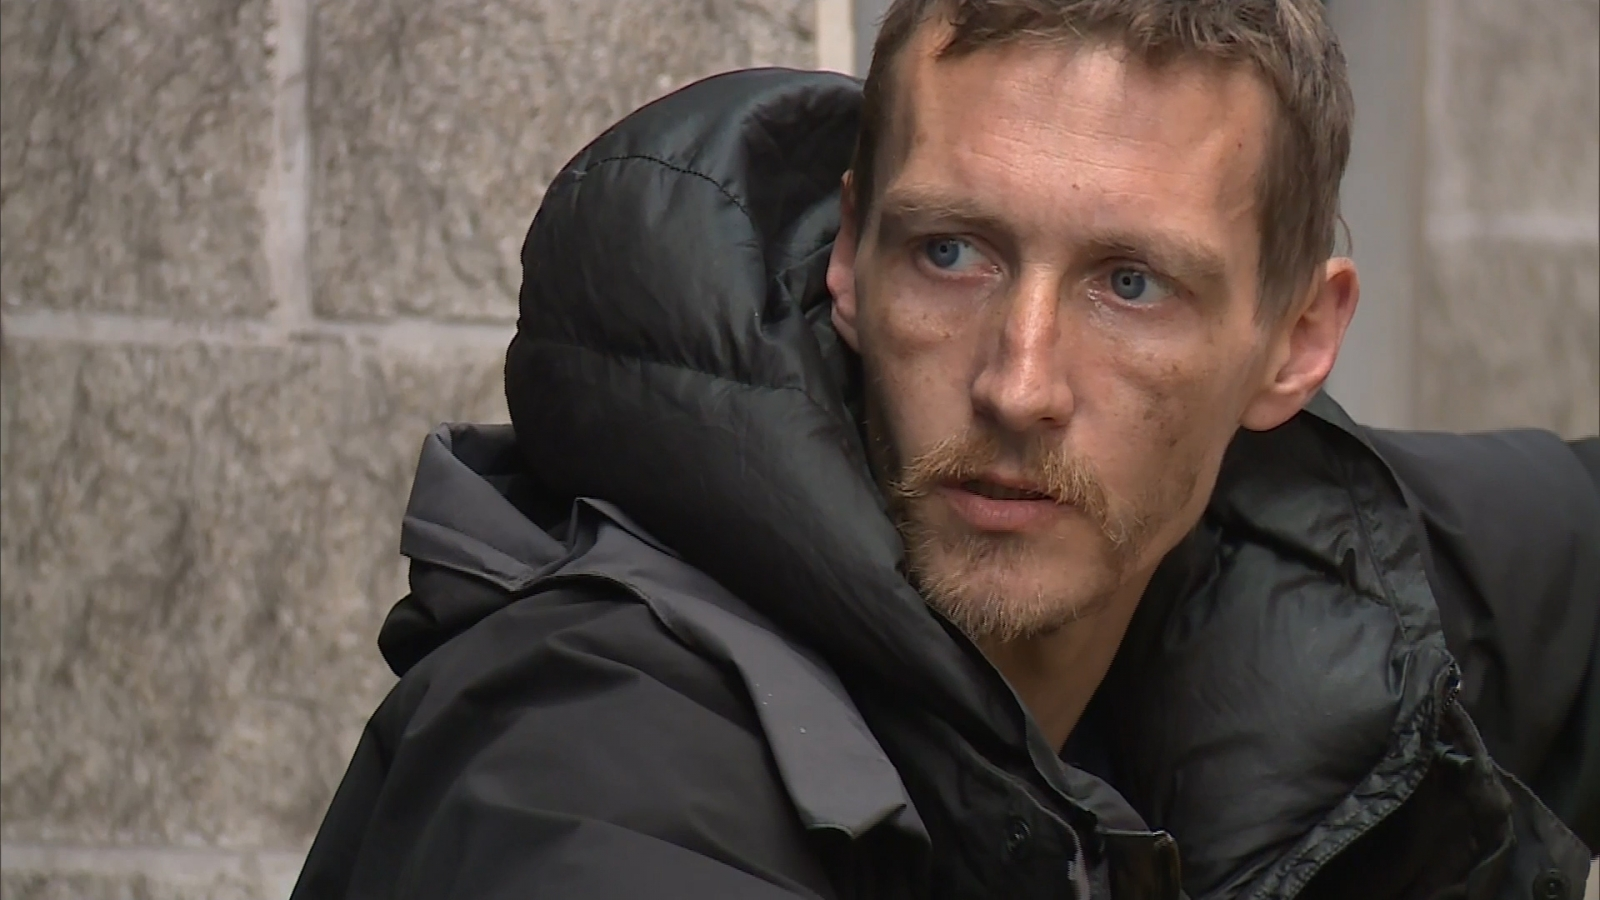 Homeless man attacks celebrity net